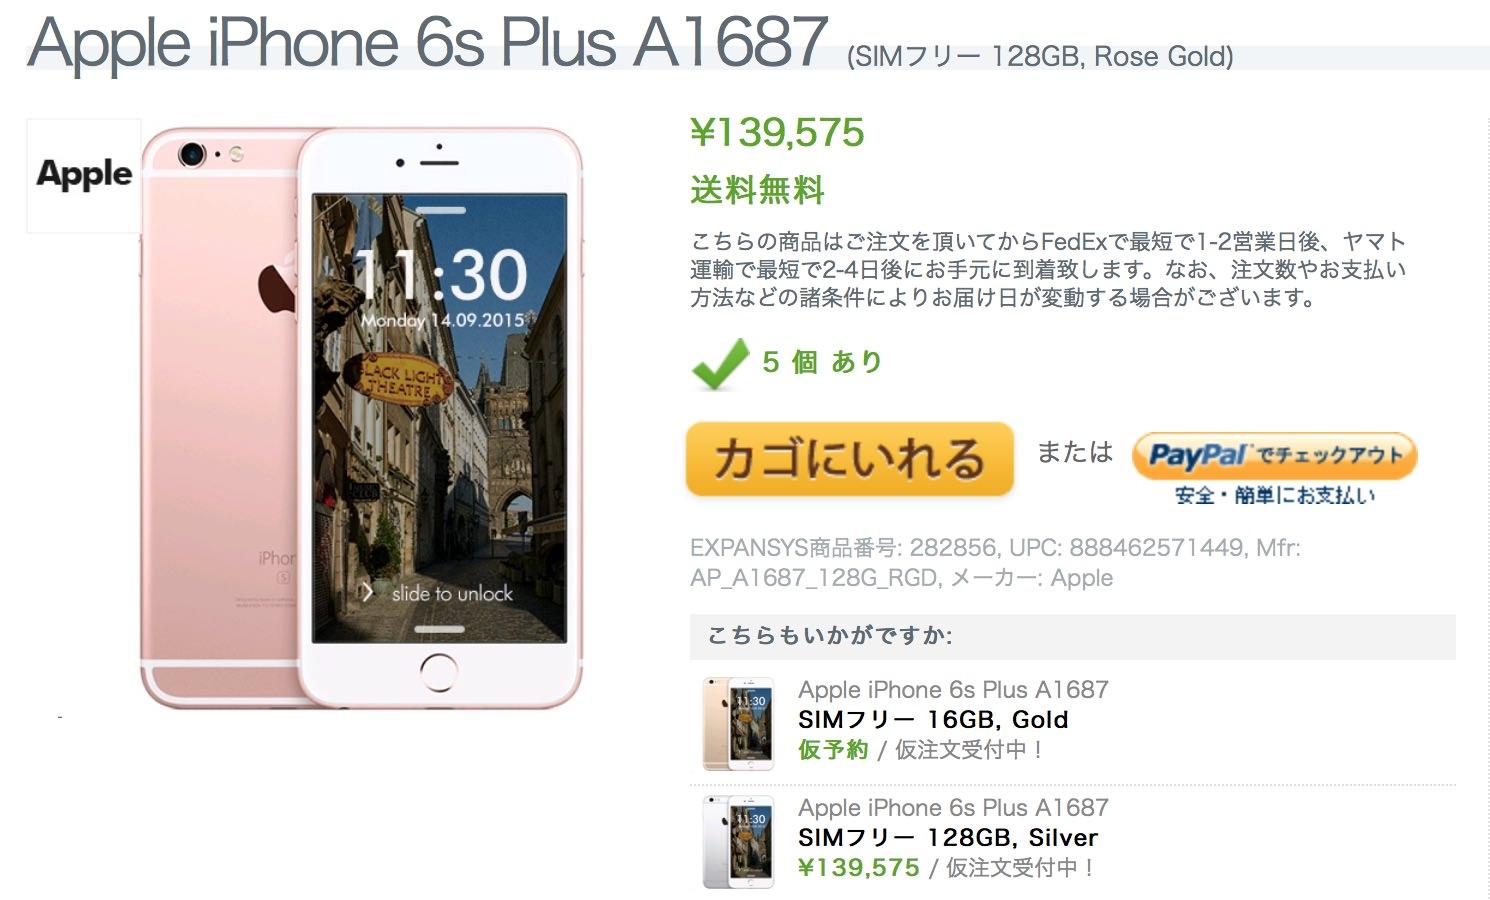 香港版iPhone 6s Plus (128GB、ローズゴールド)が139,575円で販売中